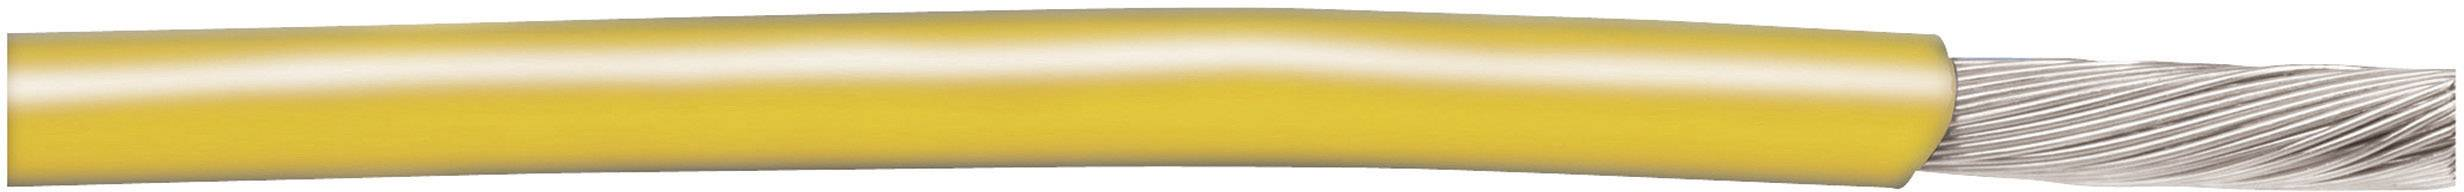 Opletenie / lanko AlphaWire 3055 GY001 1 x 0.82 mm², vonkajší Ø 2 mm, metrový tovar, zelenožltá